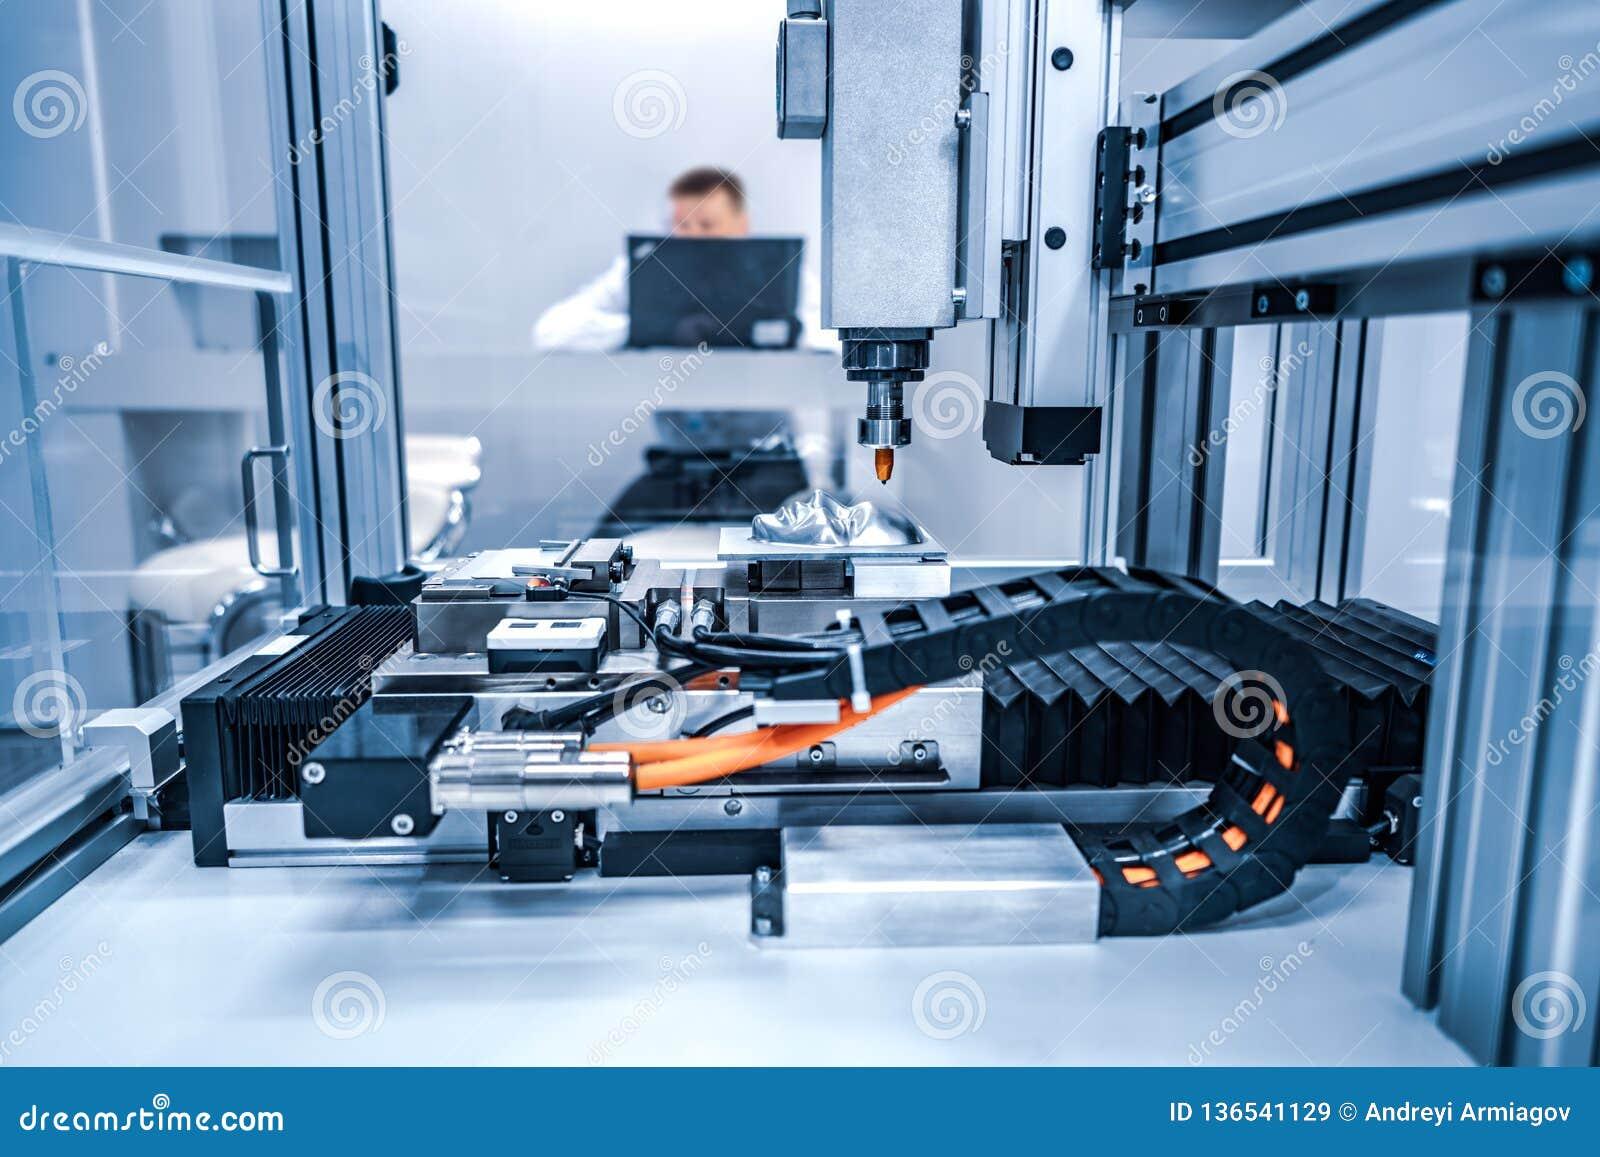 CNC Laserknipsel van metaal, moderne industriële technologie